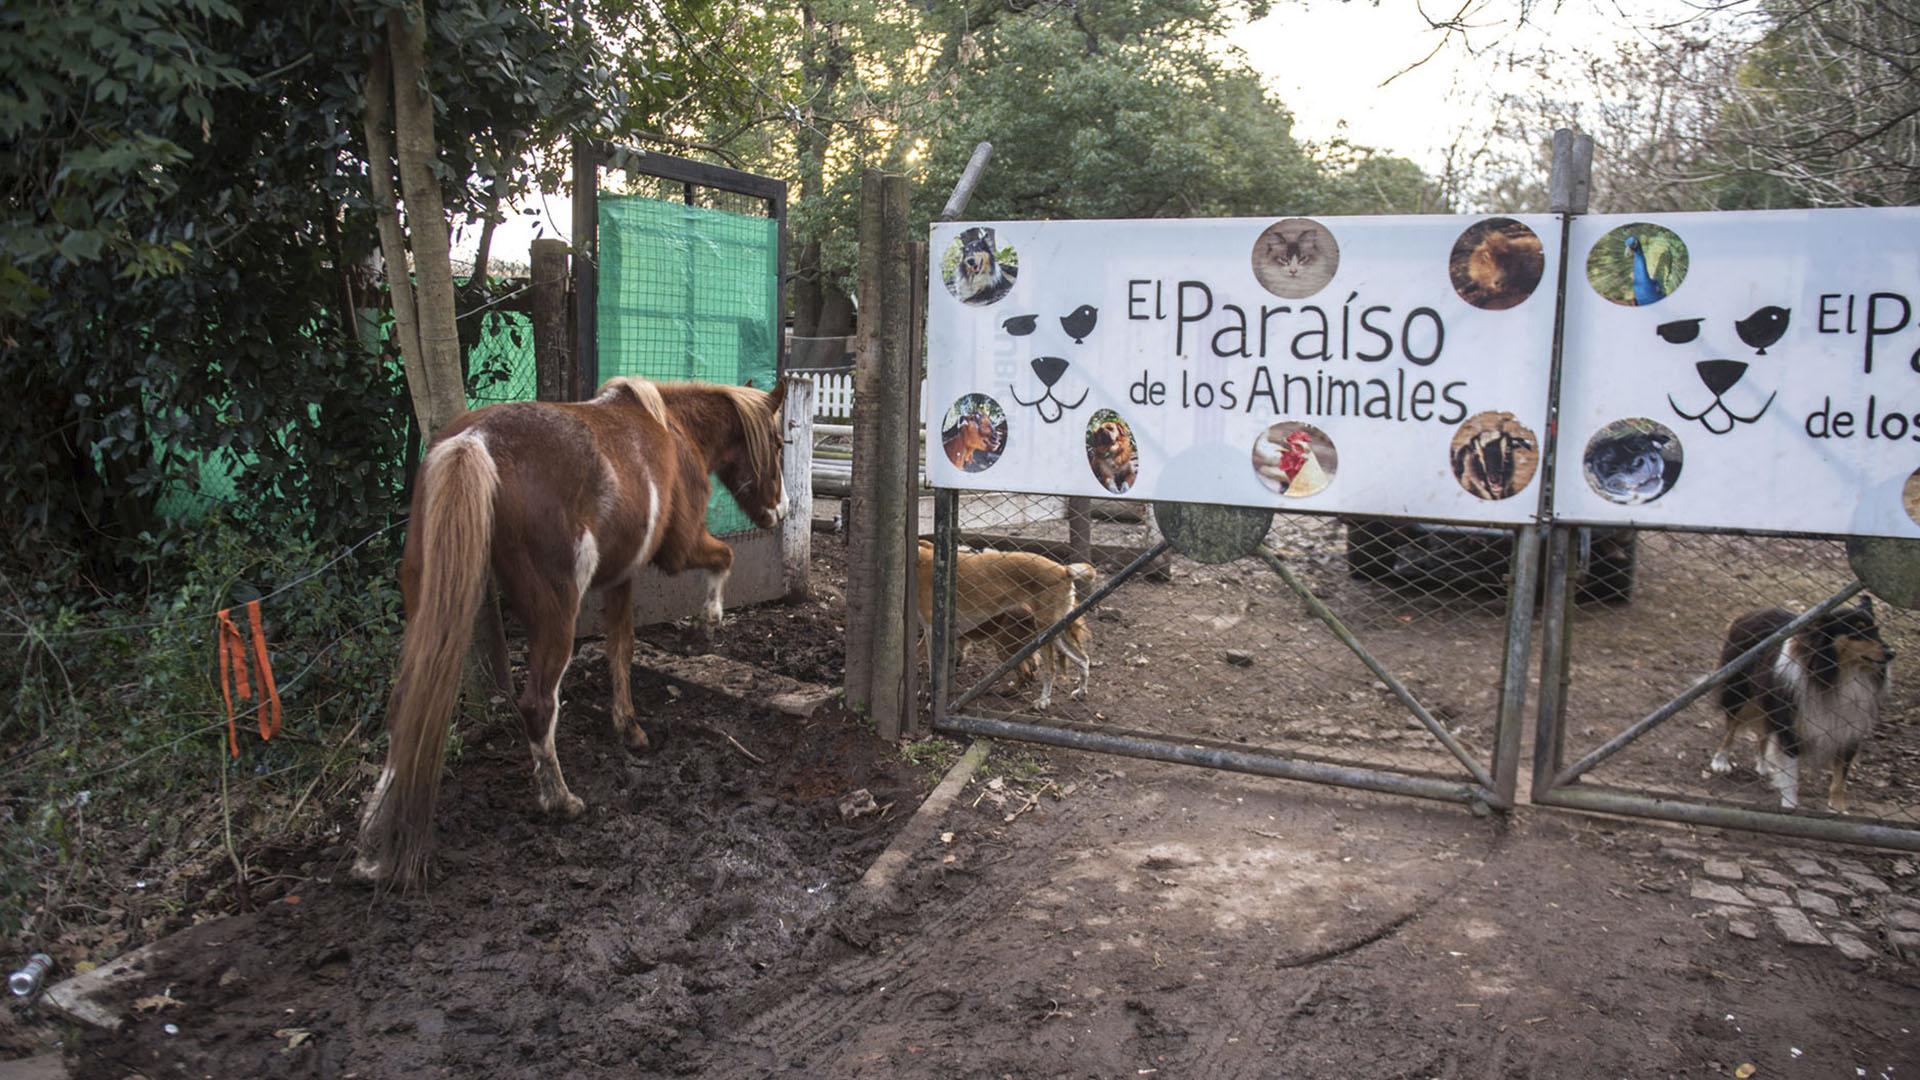 En El Paraíso de los Animales conviven especies en total libertad y ahora necesitan ayuda para construir un hospital veterinario. (Guille Llamos)